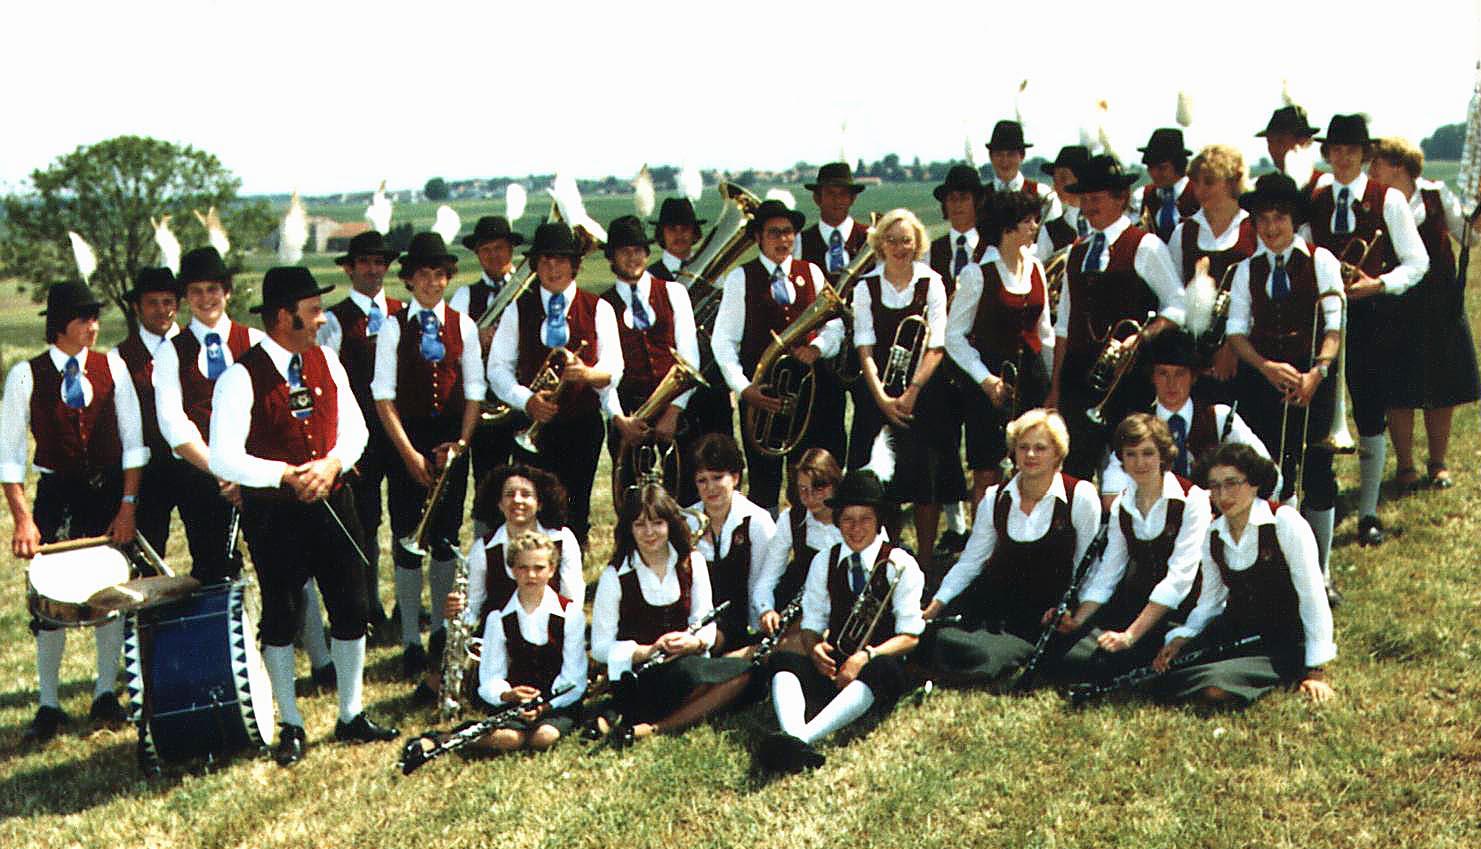 1978 - Musikkapelle in Reichling